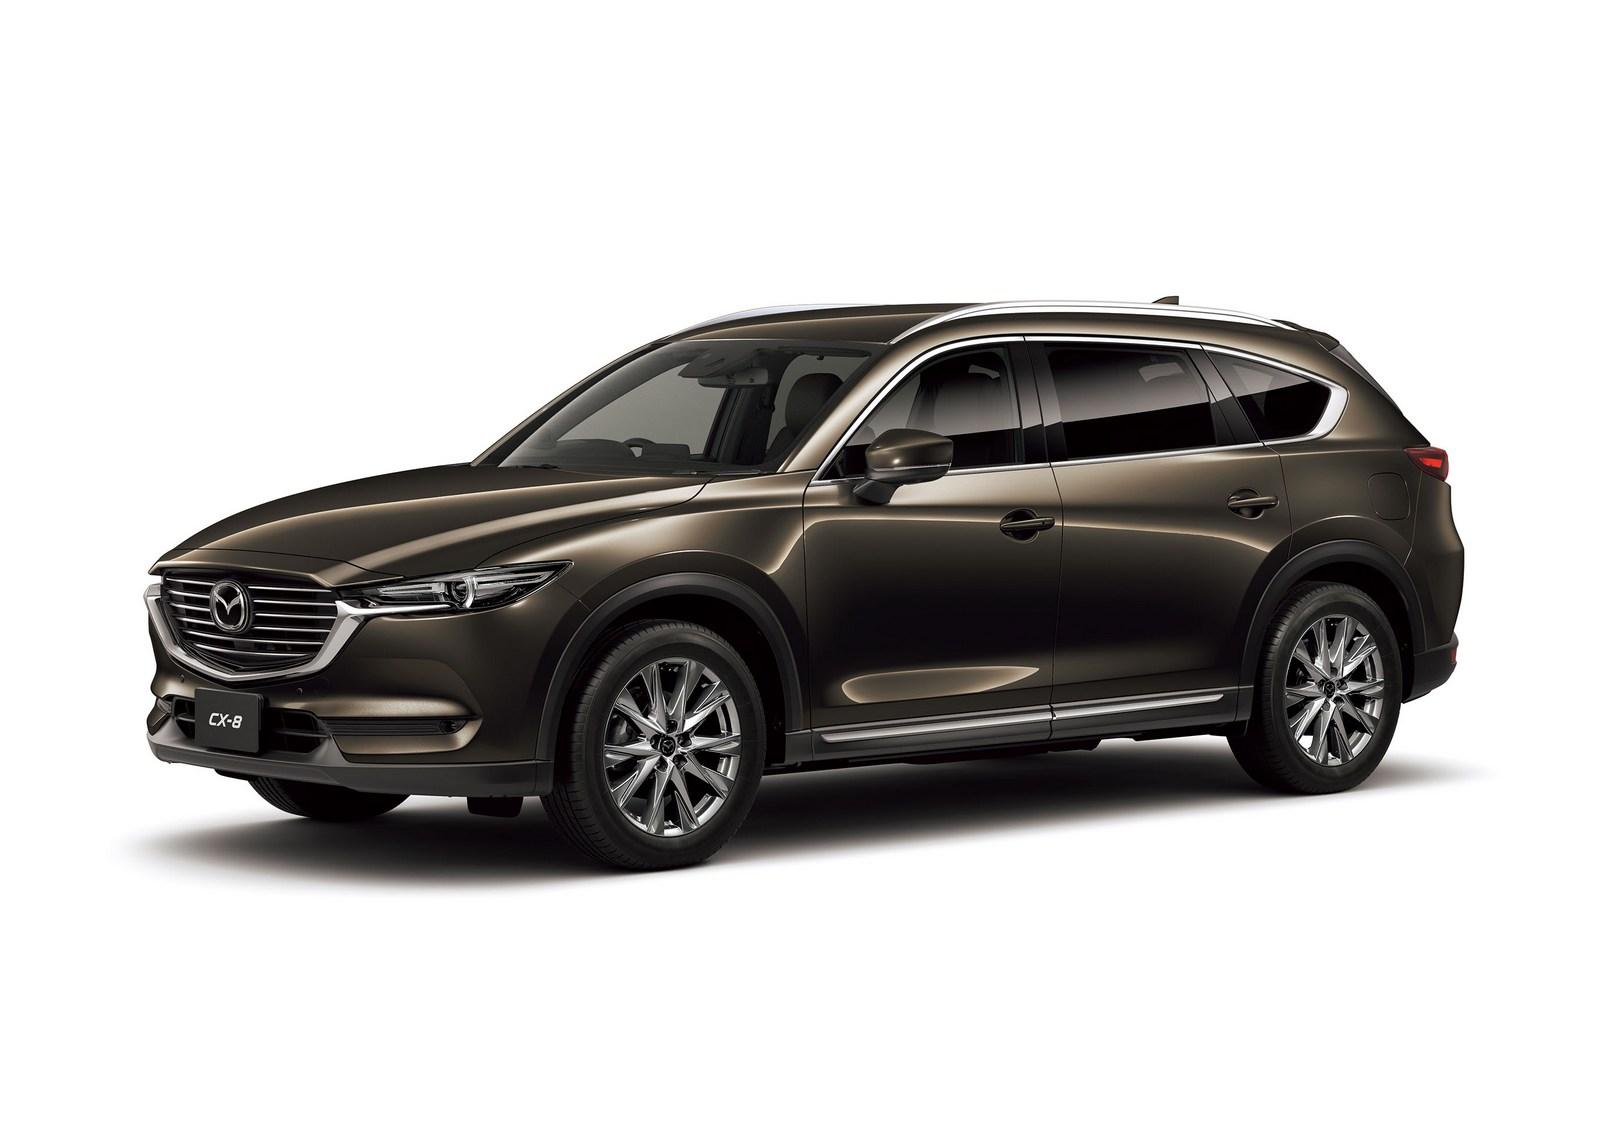 Mazda-CX-8-7